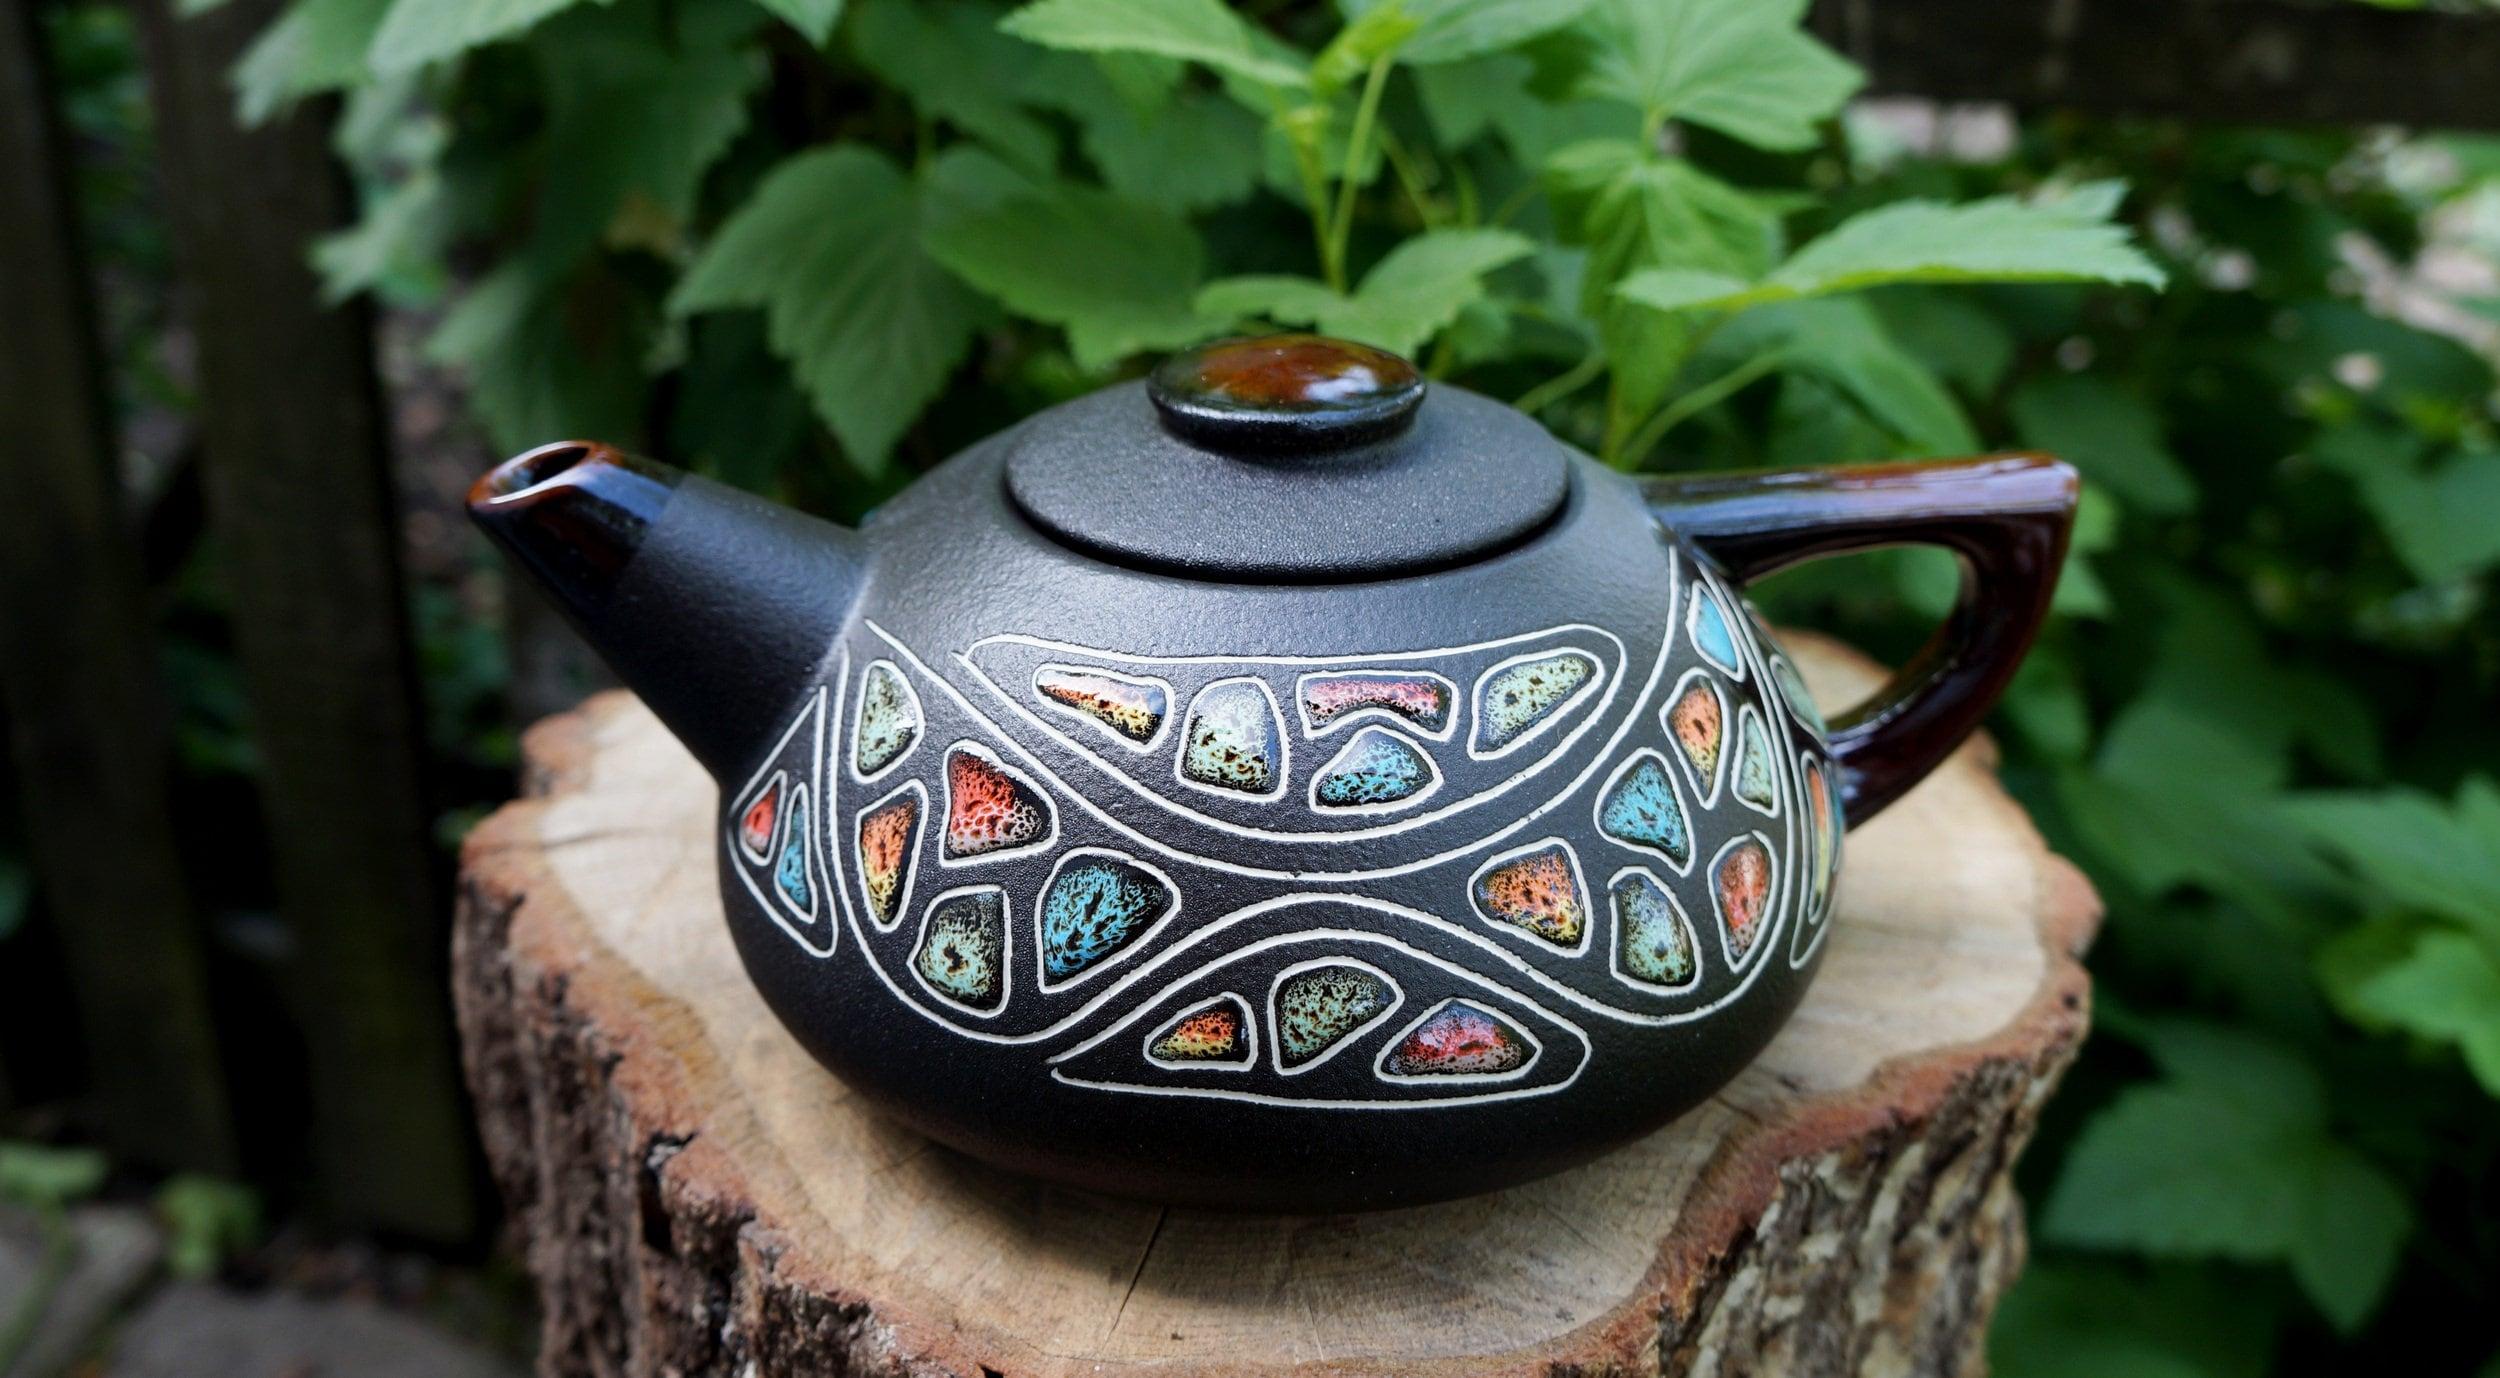 Braut-Geschenk-Ideen Keramik Steine Teekanne Tee Kanne Hand